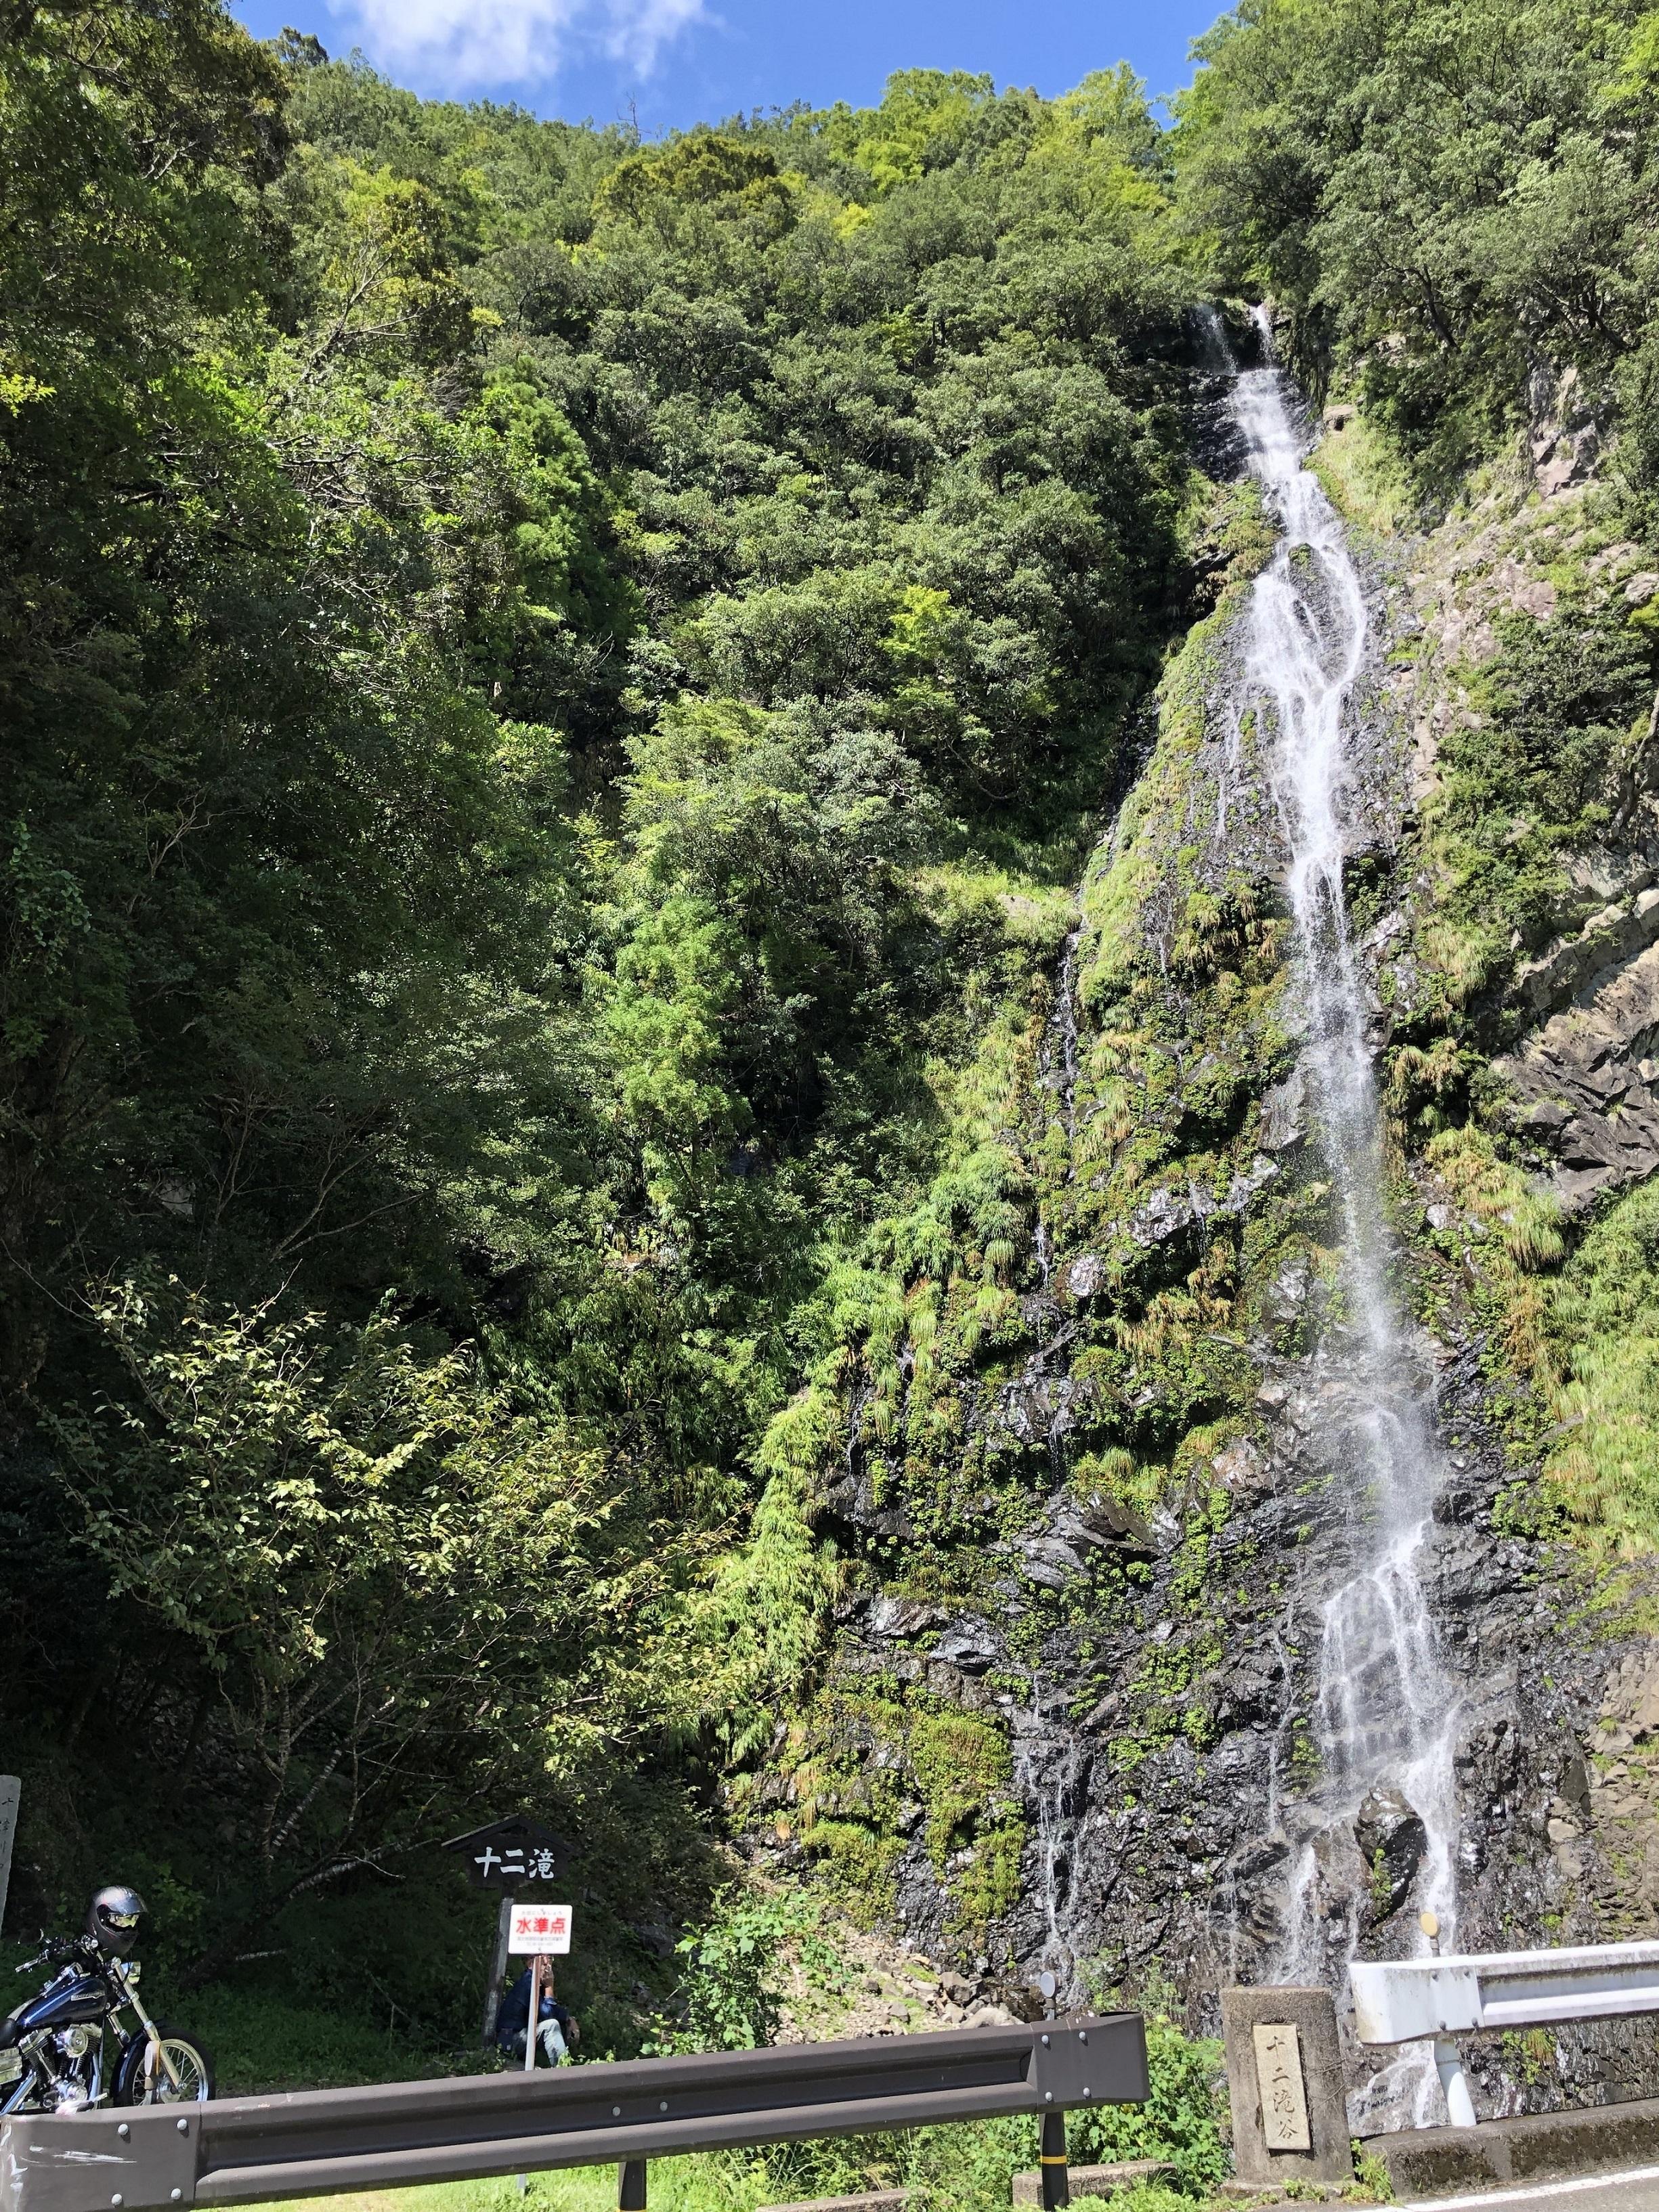 ぴーきち&ダイナ ハーレー で行く 十津川村 ツーリング 十二滝